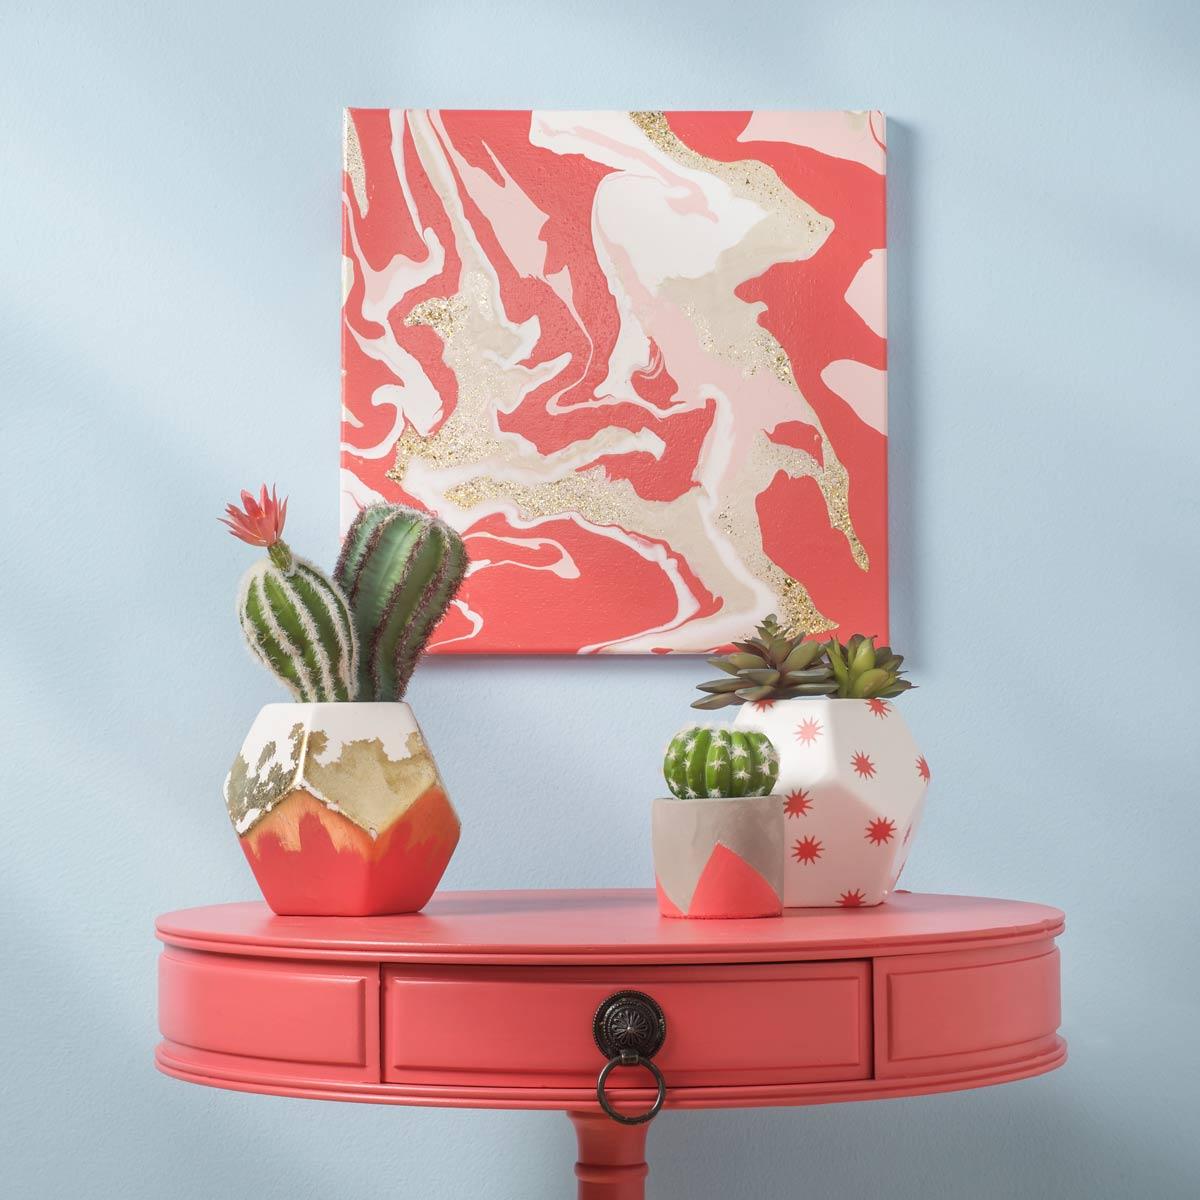 Marbled Canvas DIY Wall Decor